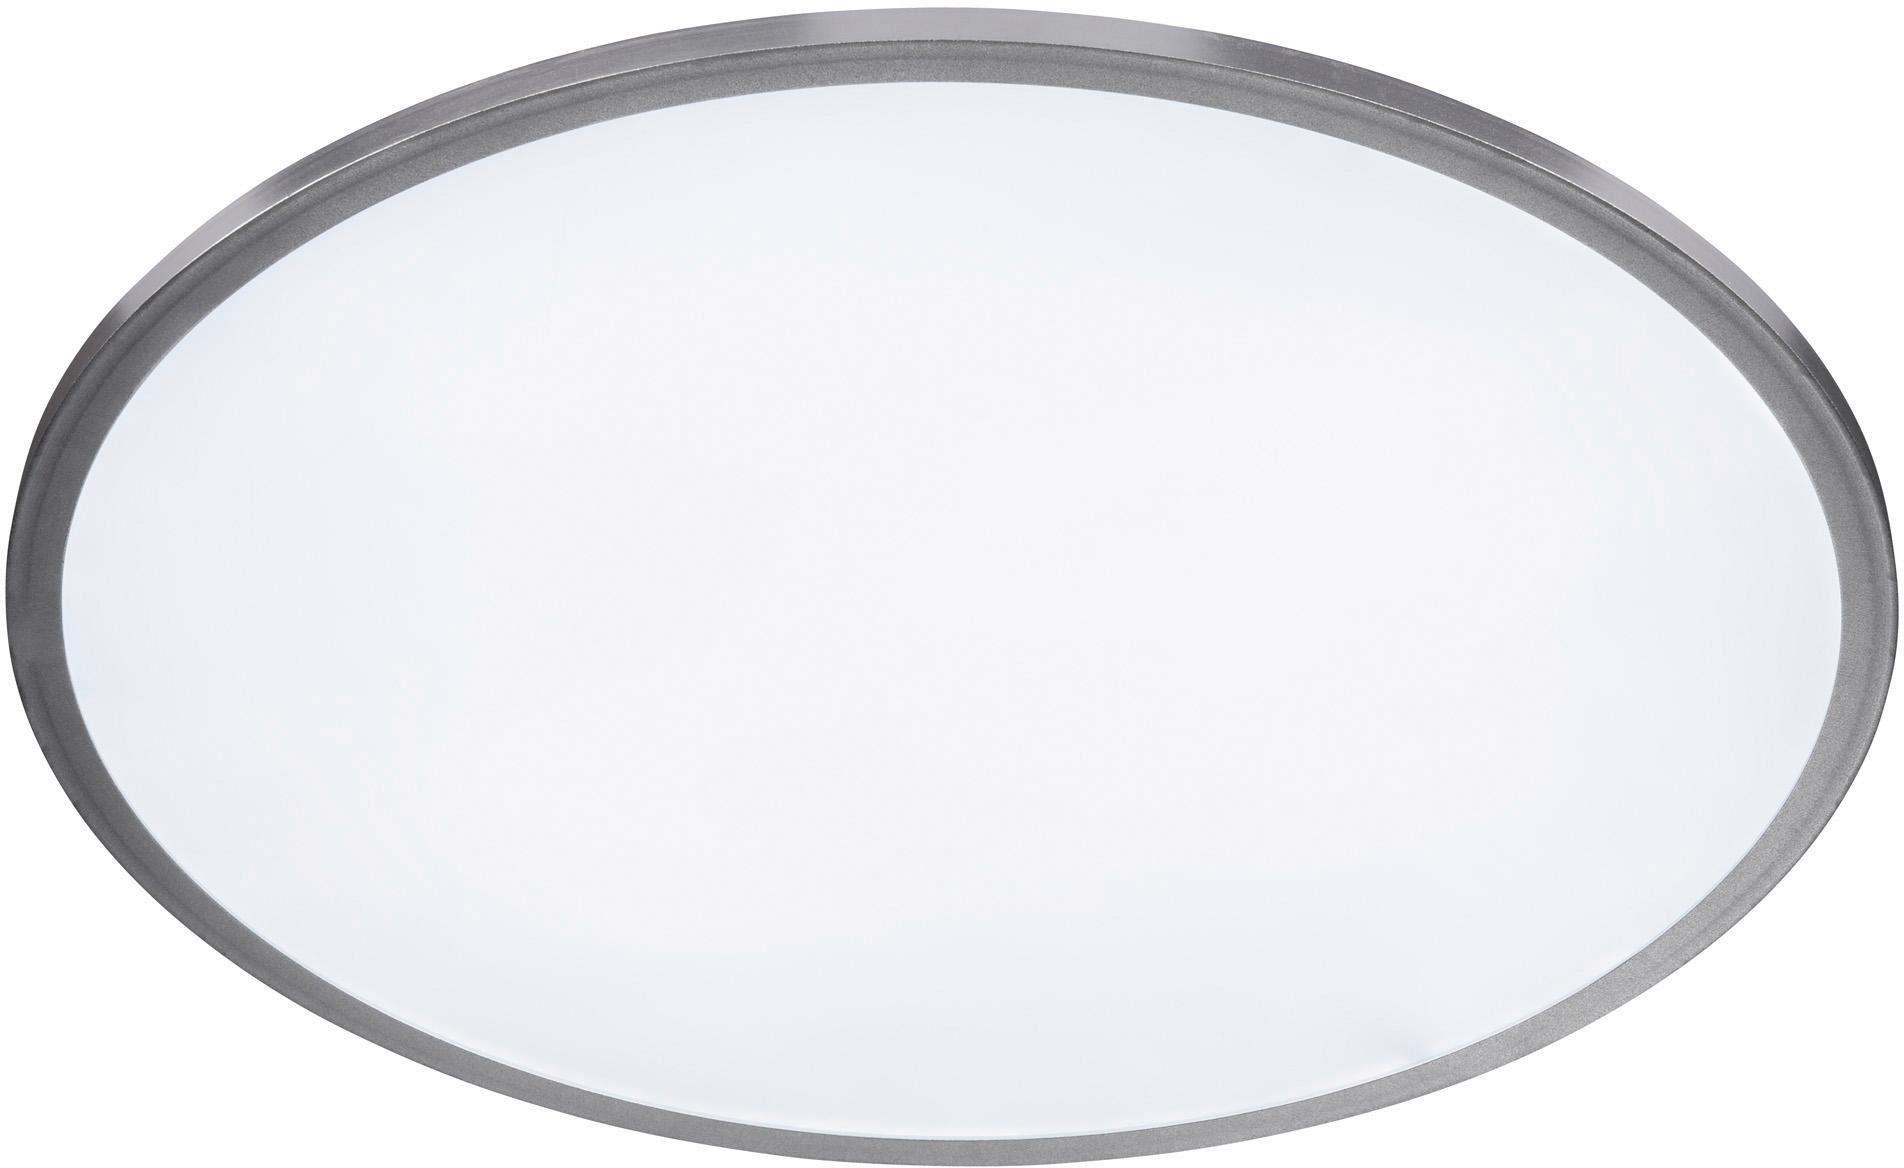 WOFI Deckenleuchte LINOX, LED-Board, Kaltweiß, Deckenlampe